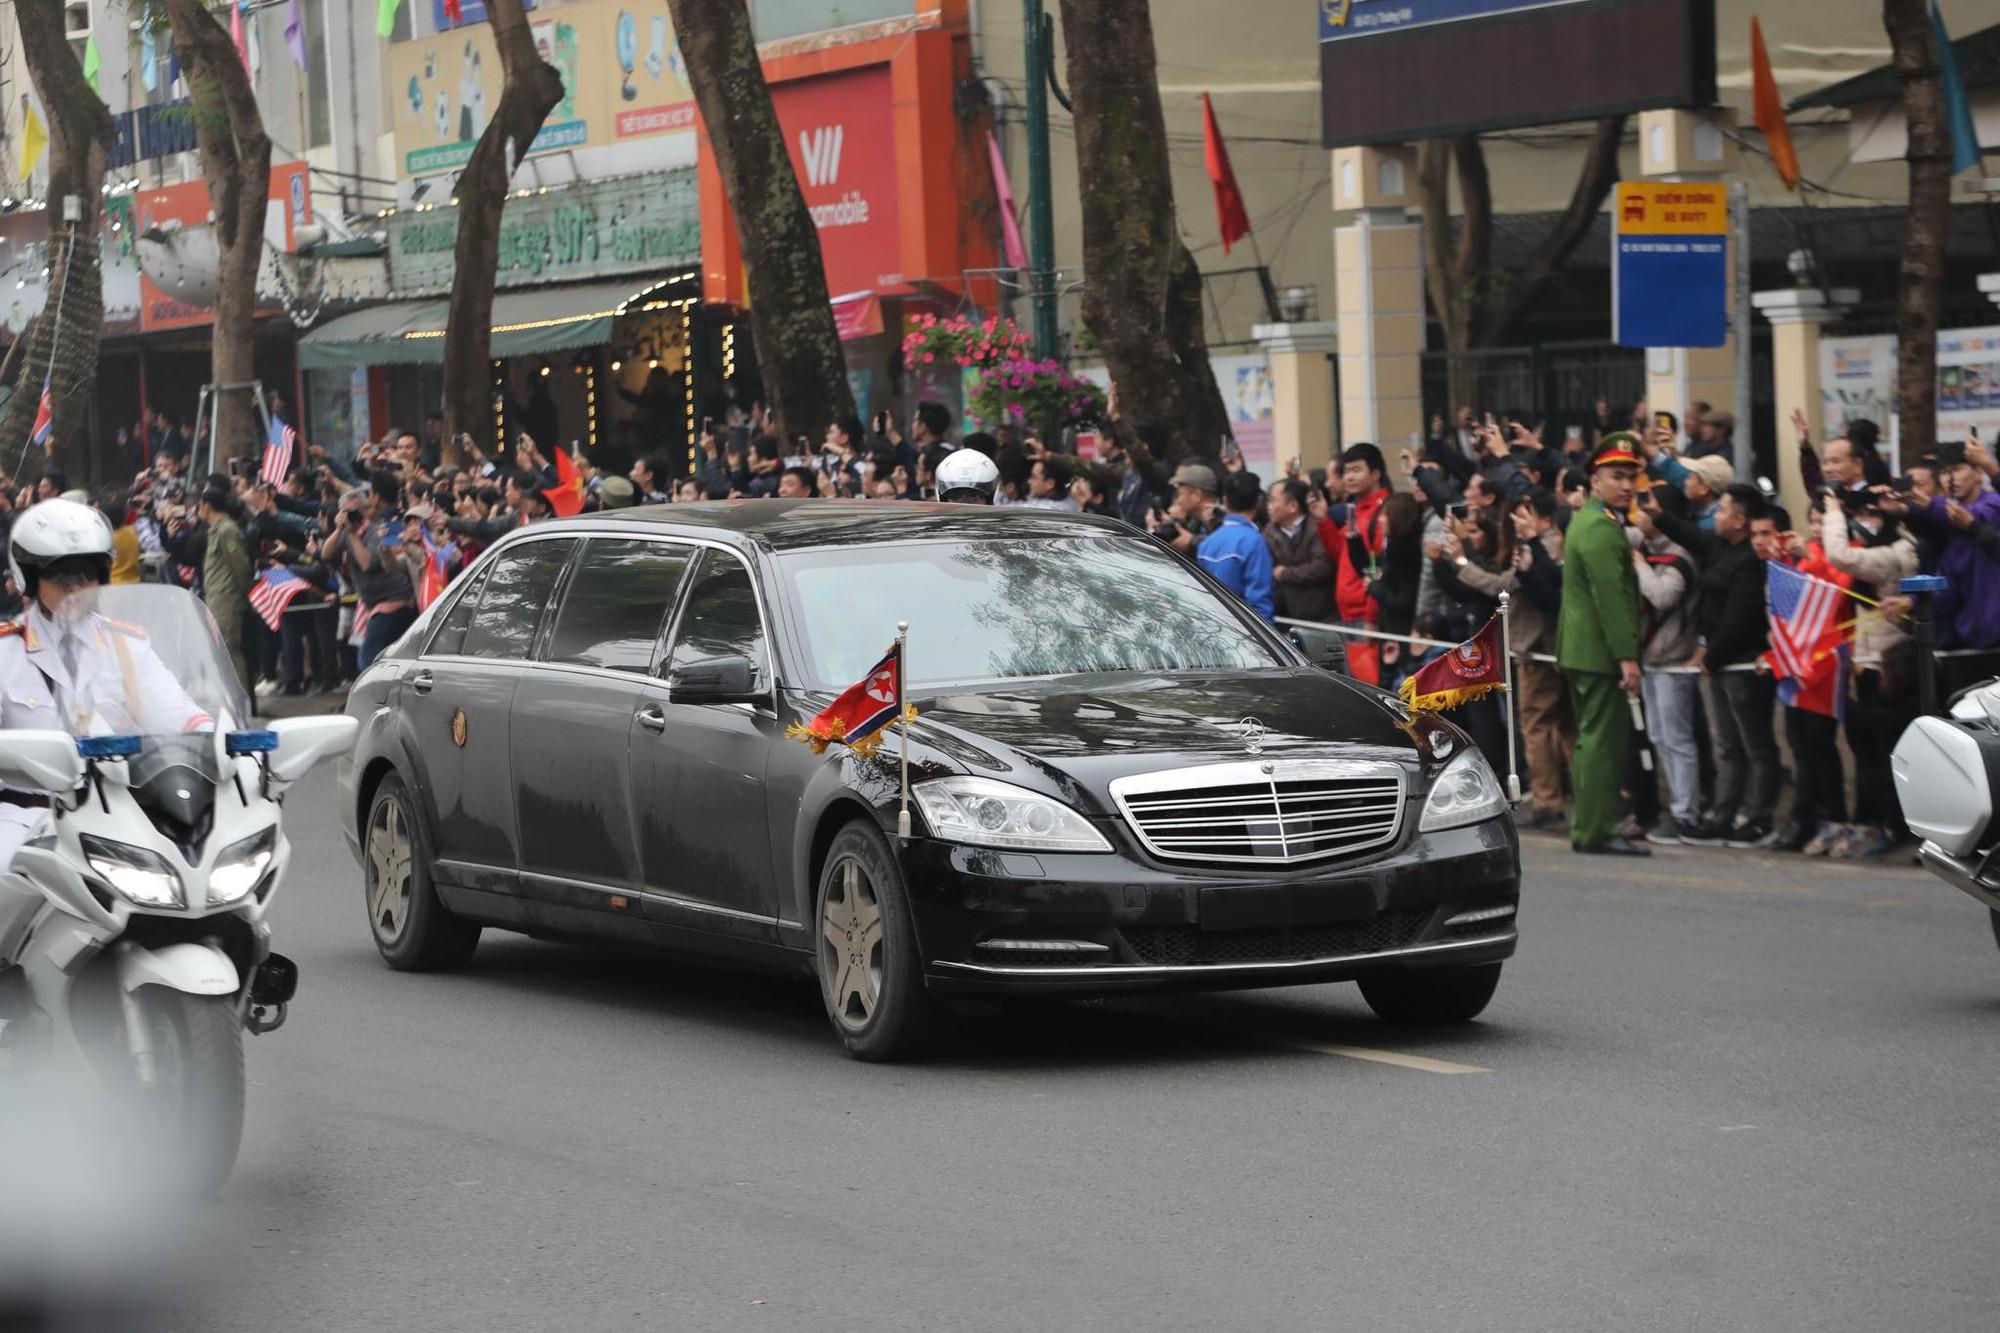 Toàn cảnh đón Chủ tịch Triều Tiên Kim Jong-un tại Việt Nam - Ảnh 27.